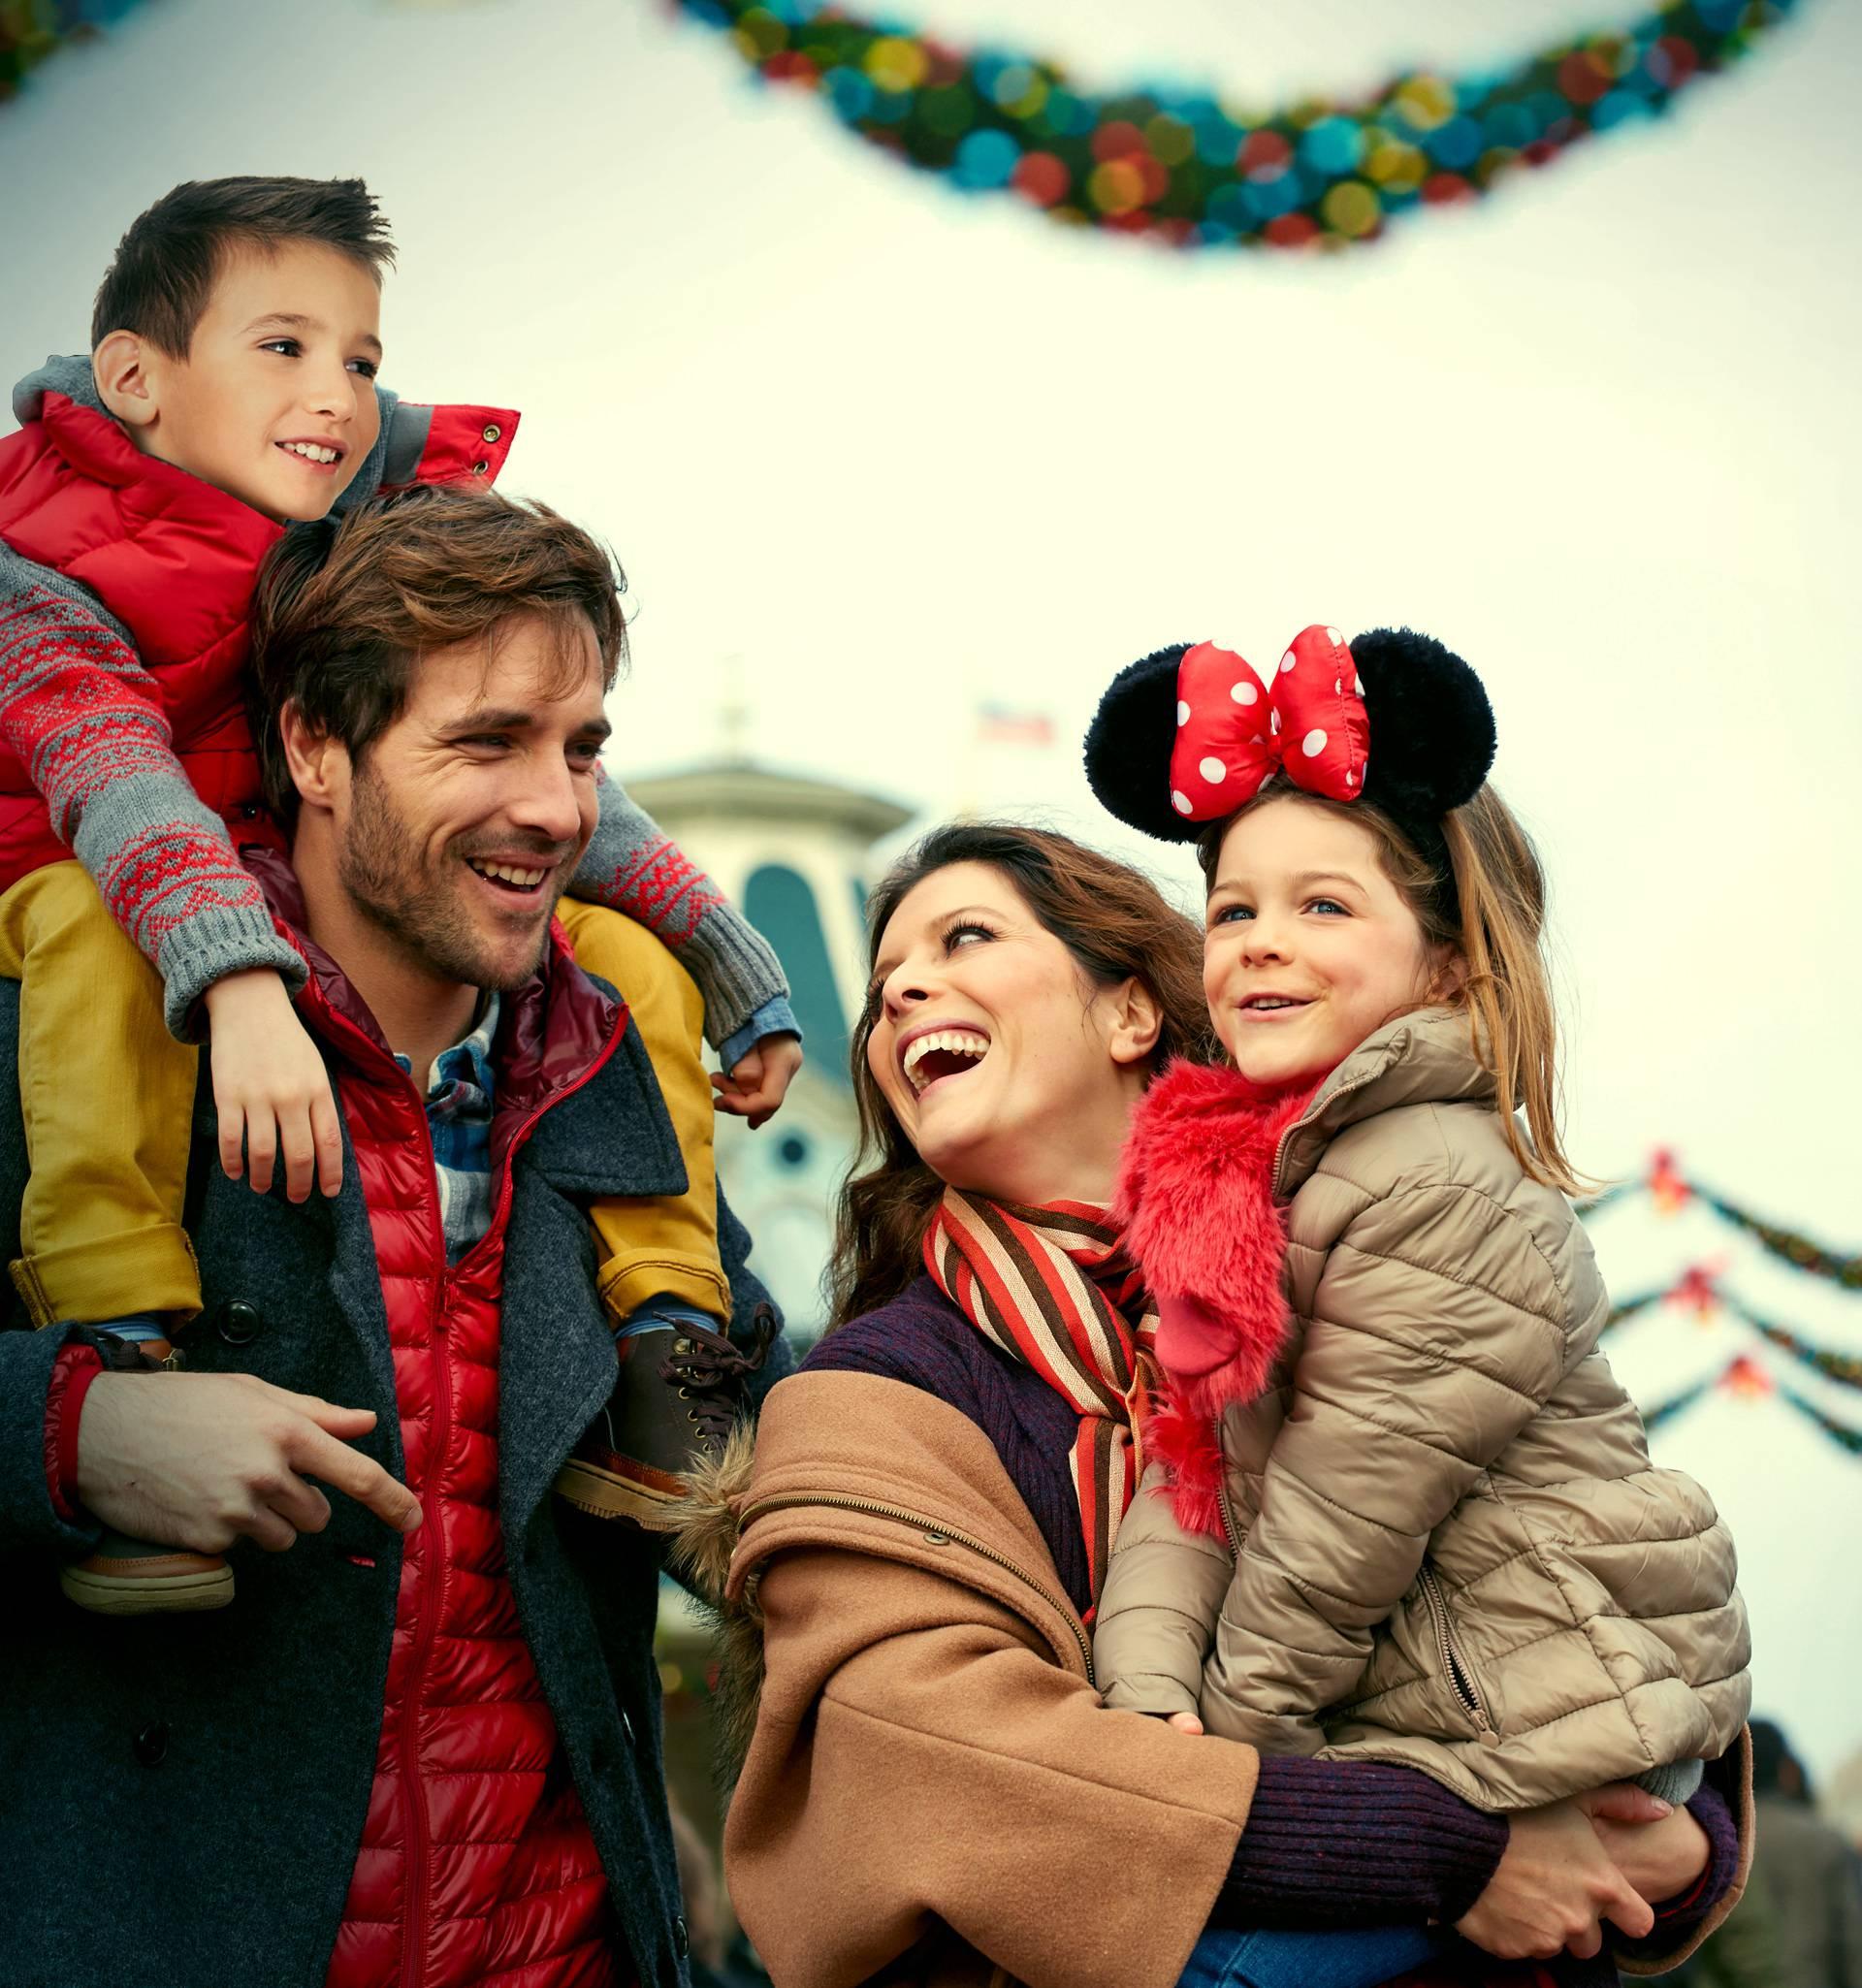 Obiteljski vikend u Disneylandu: čarobni poklon